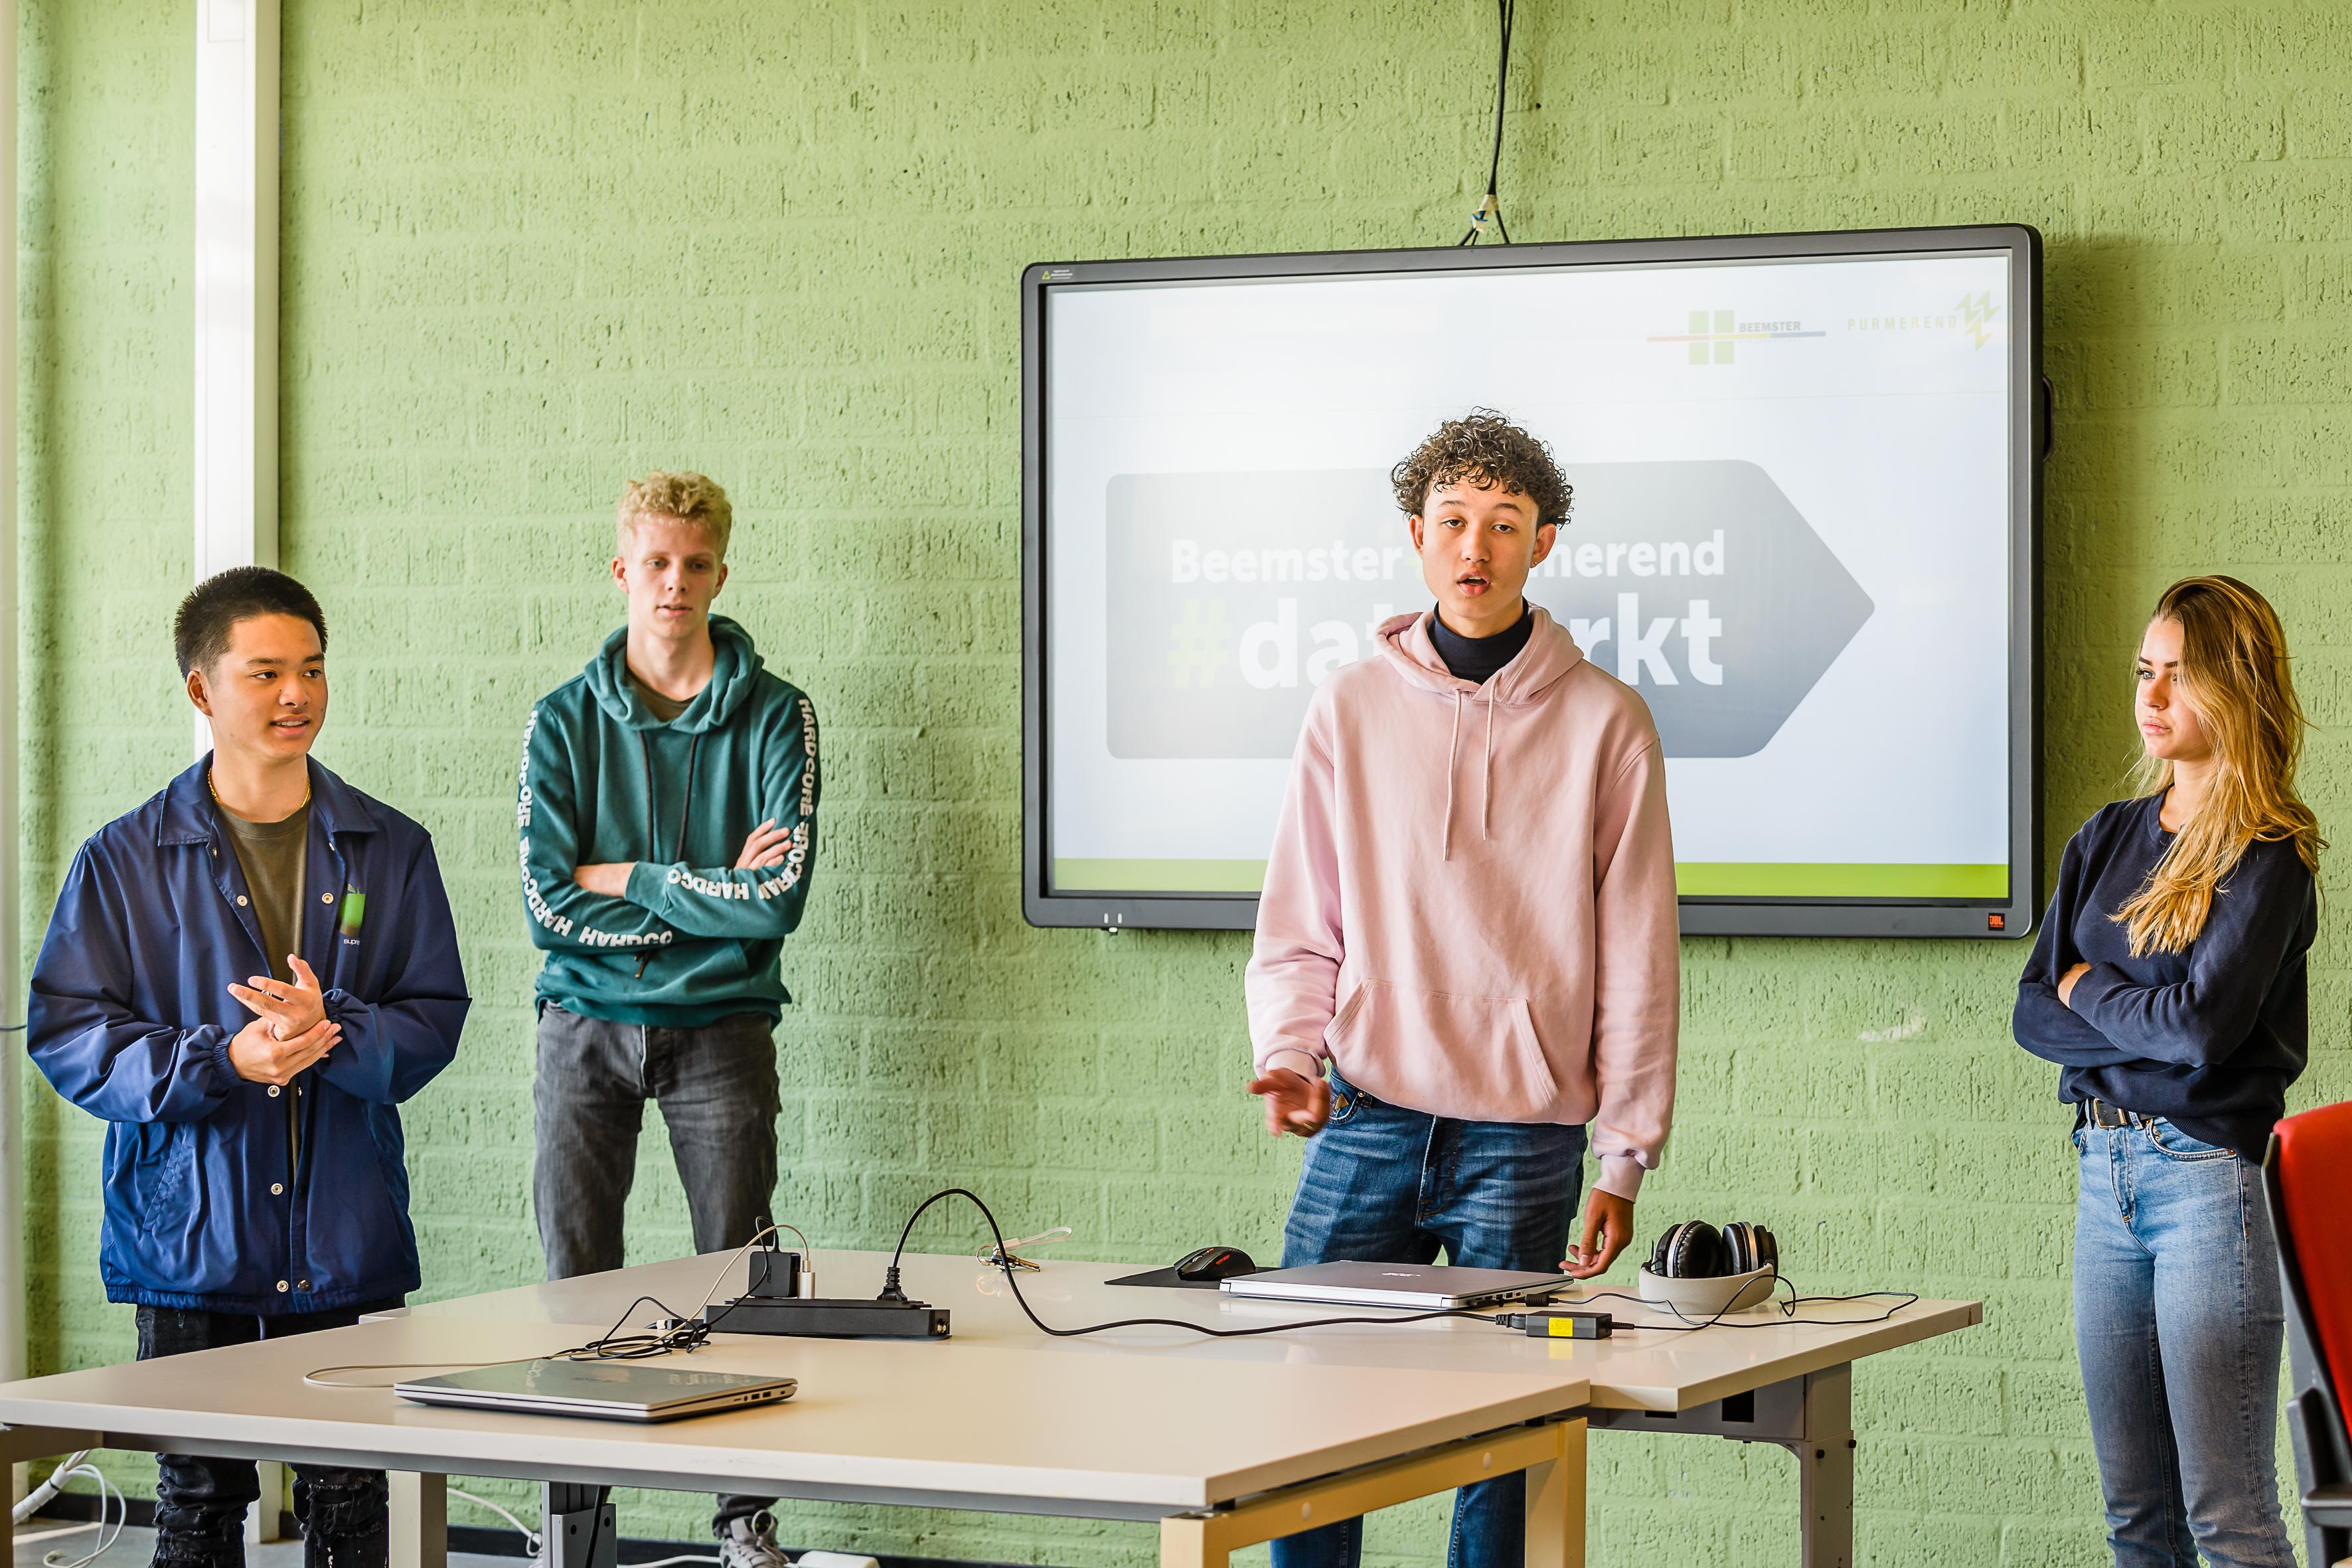 Purmerendse jongeren: 'In 2040 zijn Purmerend, Beemster en Amsterdam één geheel'